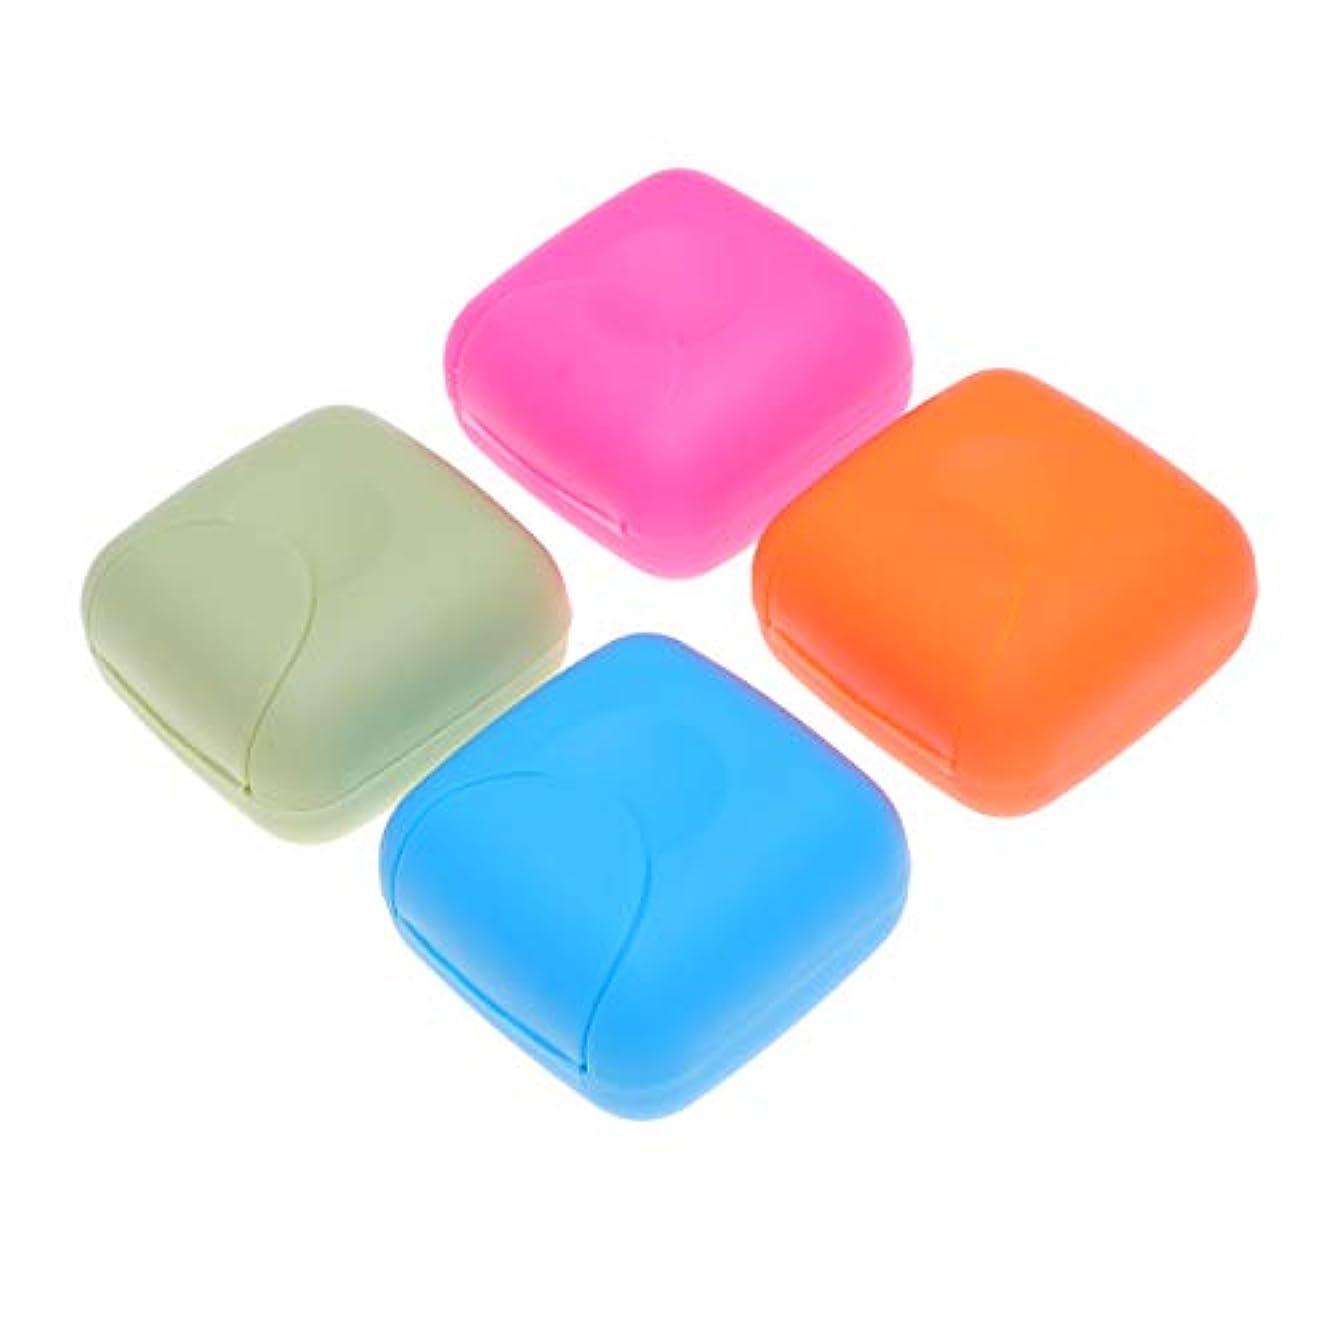 豪華なバストオープニングHealifty ソープボックスポータブルソープディッシュソープケース4本(ブルー、ロージー、オレンジ、ピンク)